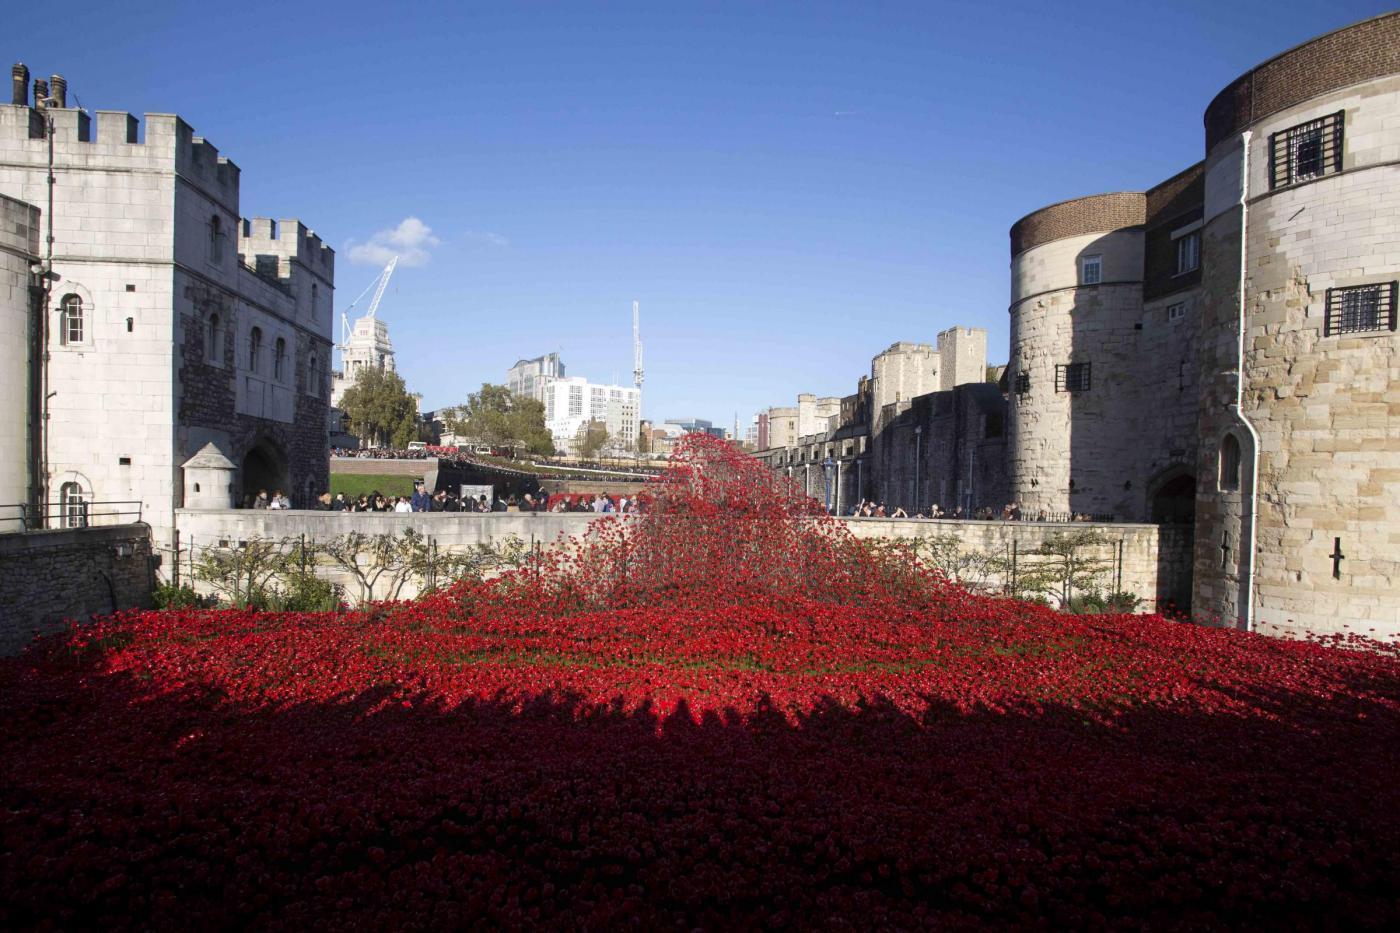 Lutto e papaveri rossi londra celebra il remembrance day - Papaveri e veterani giorno di papaveri e veterani ...